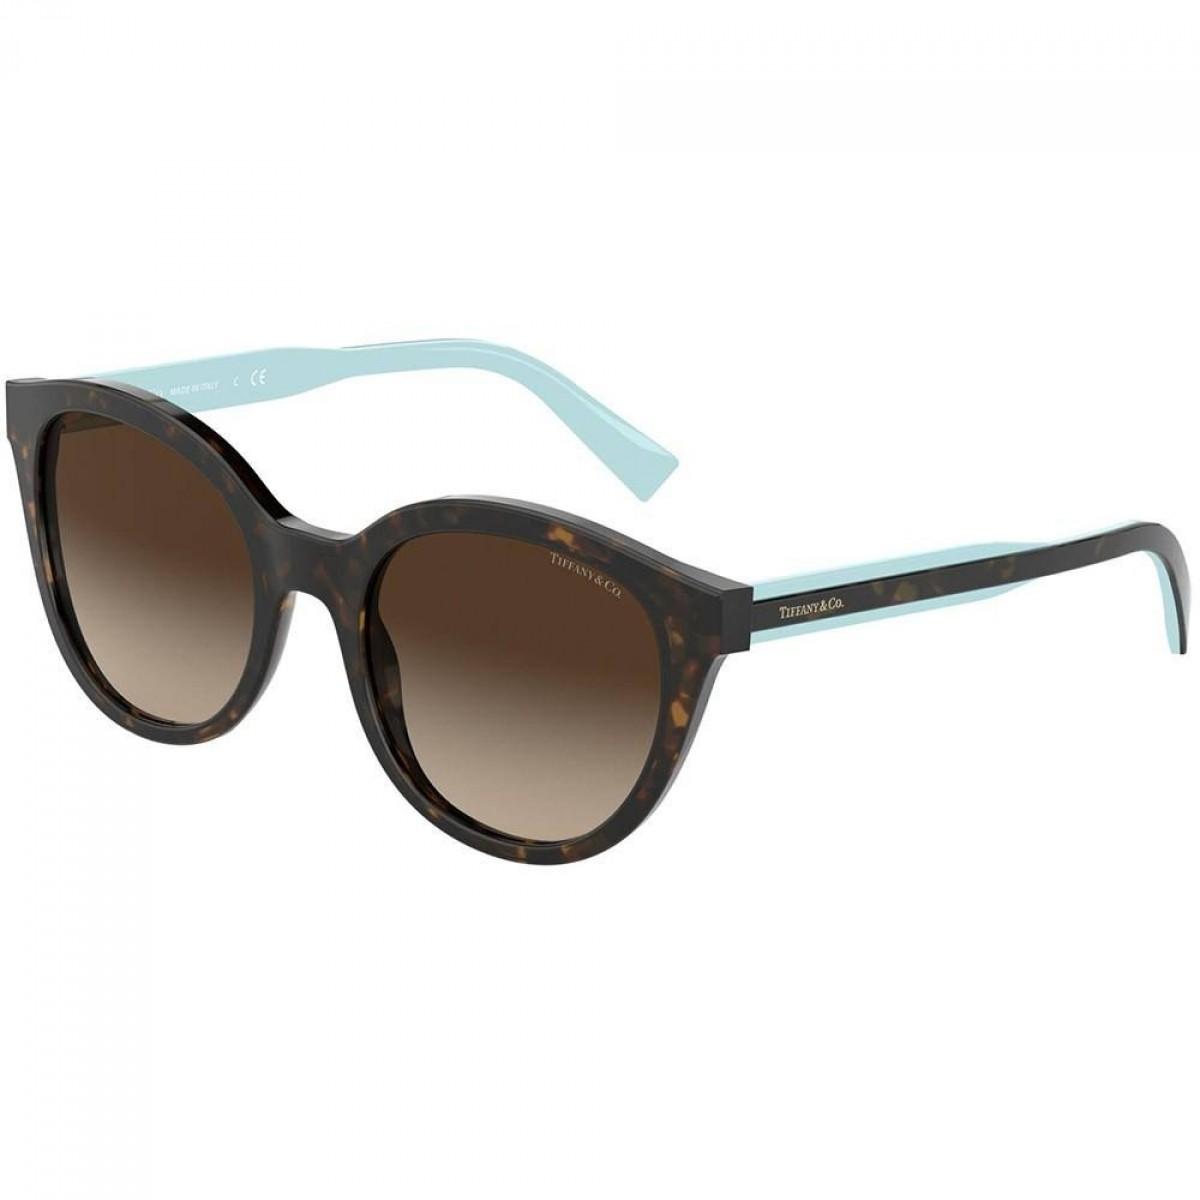 Tiffany & Co. 4164 80153B 52, 148,94€, Occhiali Tiffany & Co. Marrone a forma Rotondo